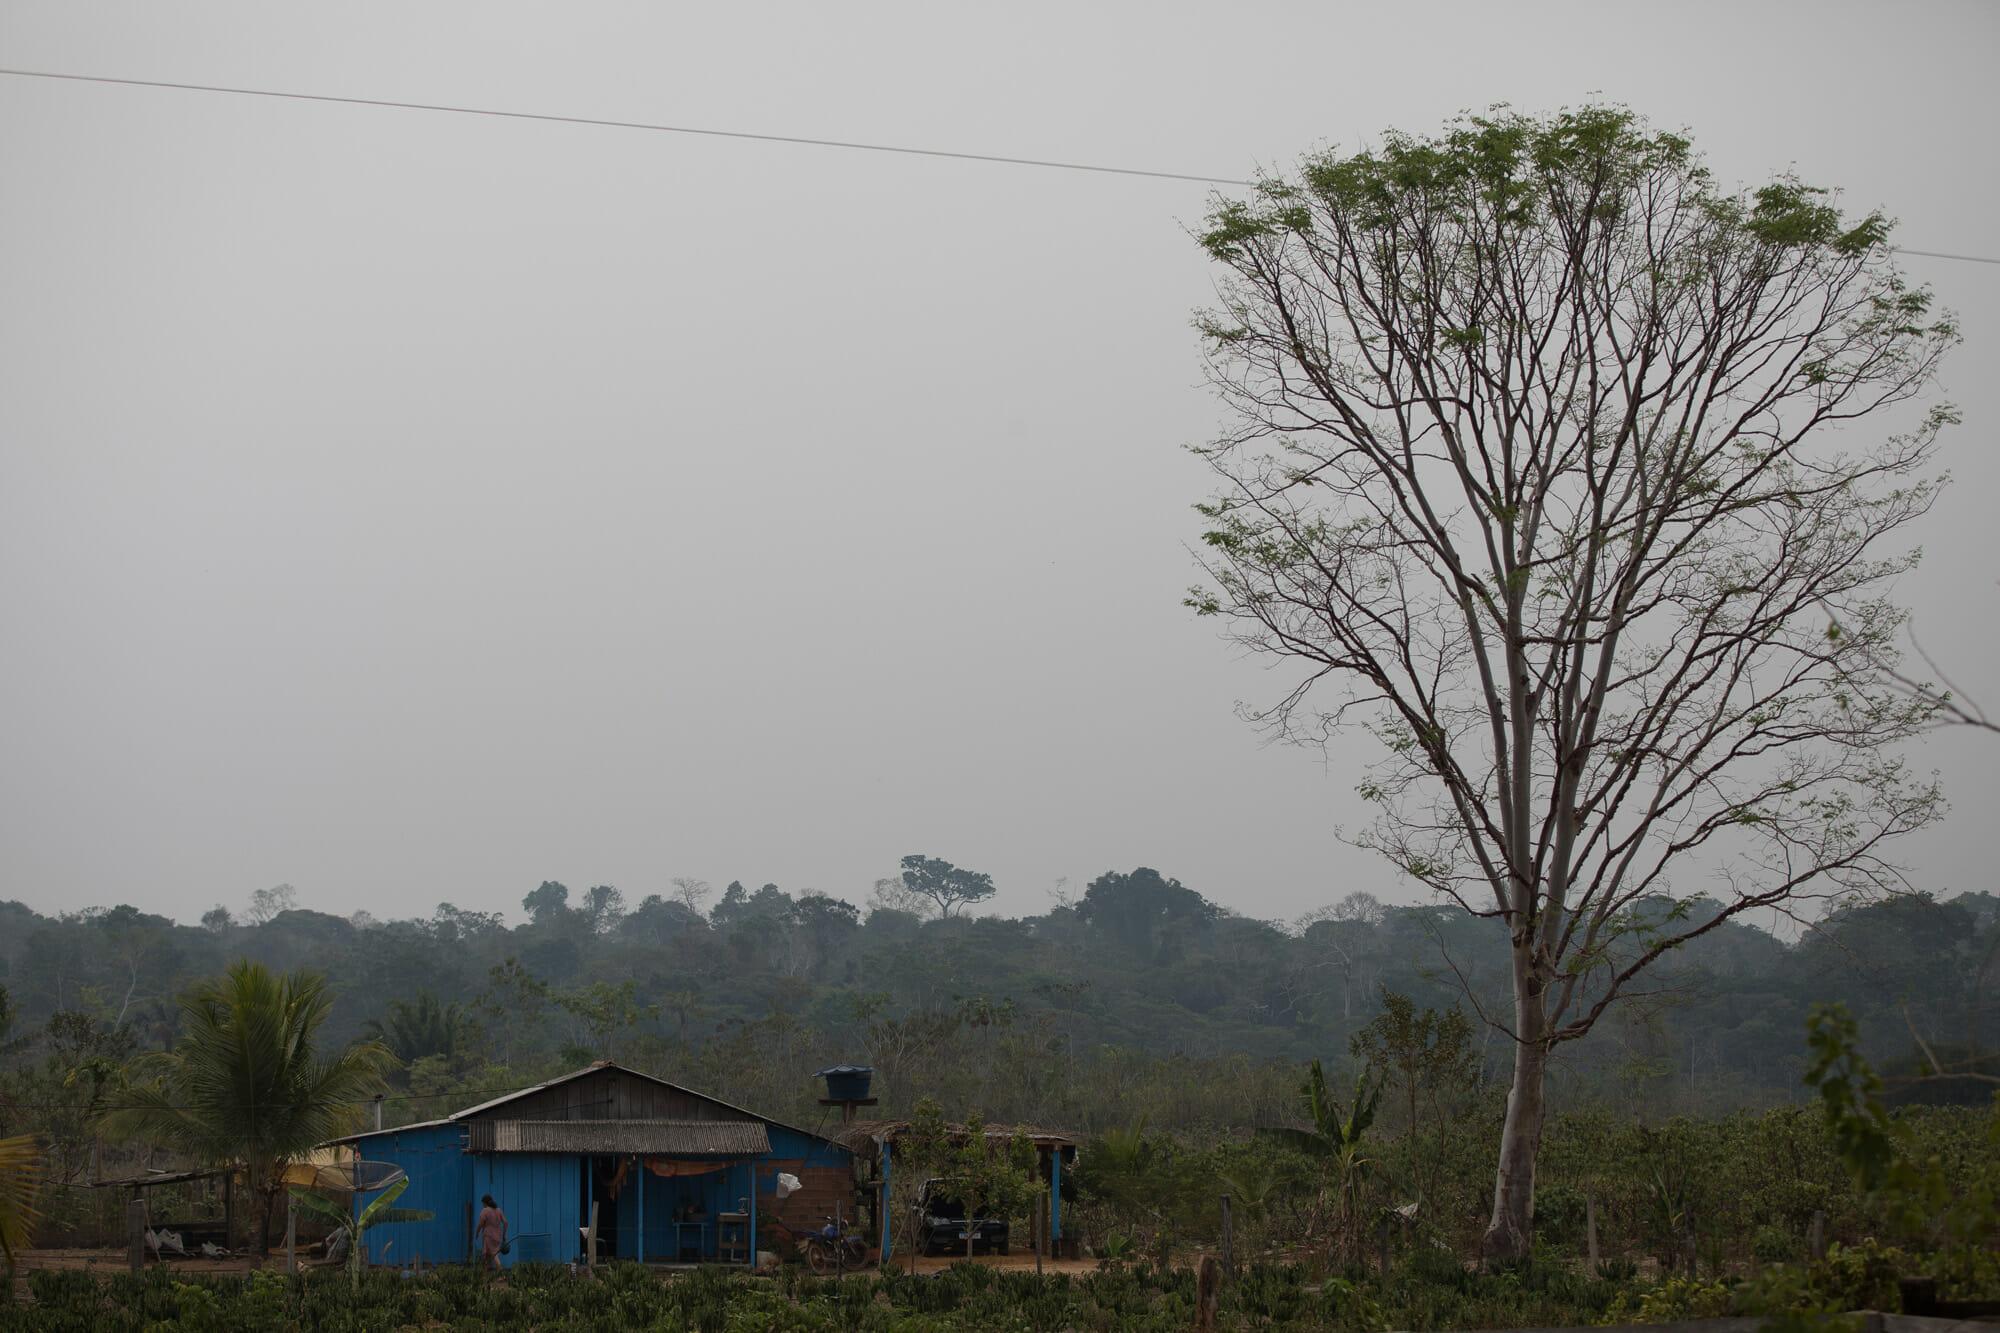 Sertanista Rieli Franciscato deixou legado e desafio de preservar o território de povos isolados na Amazônia